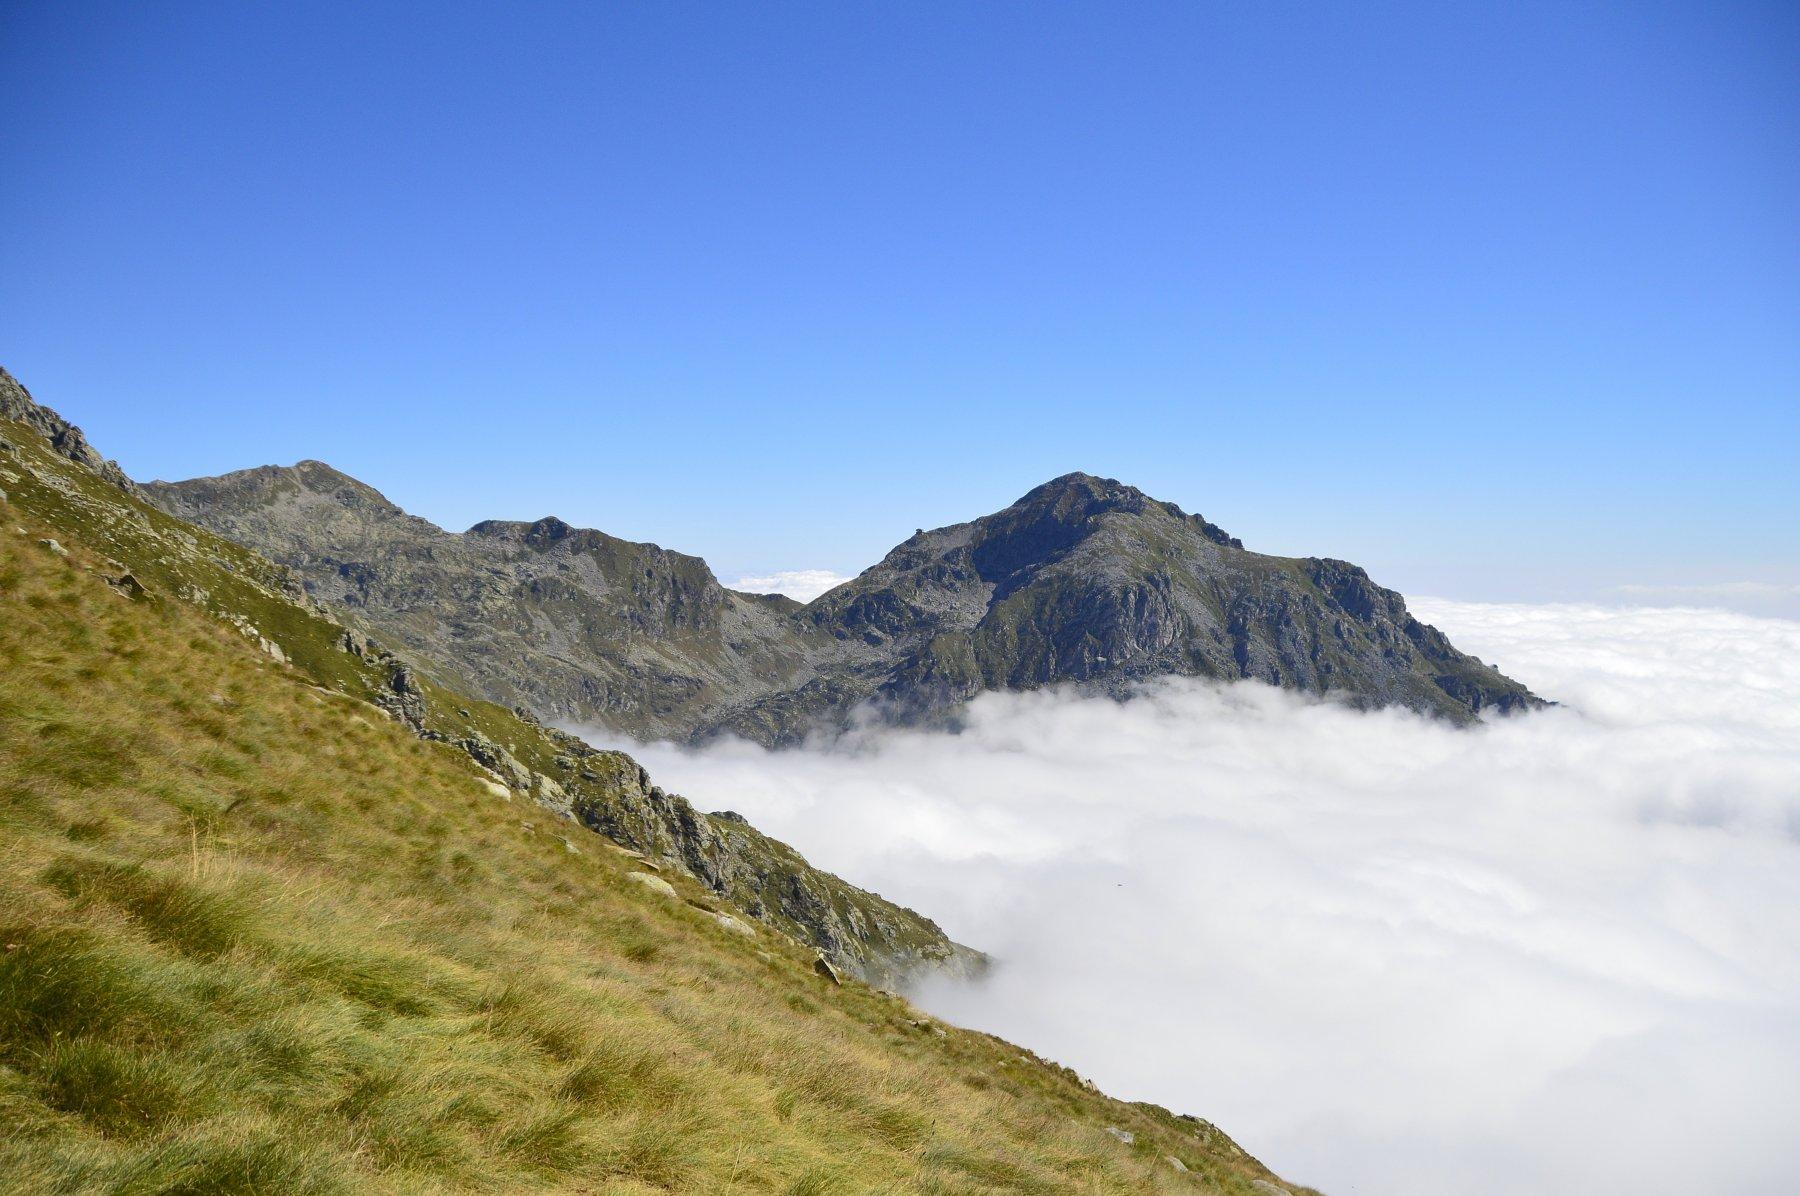 Spettacolare inversione termica sul monte Mucrone